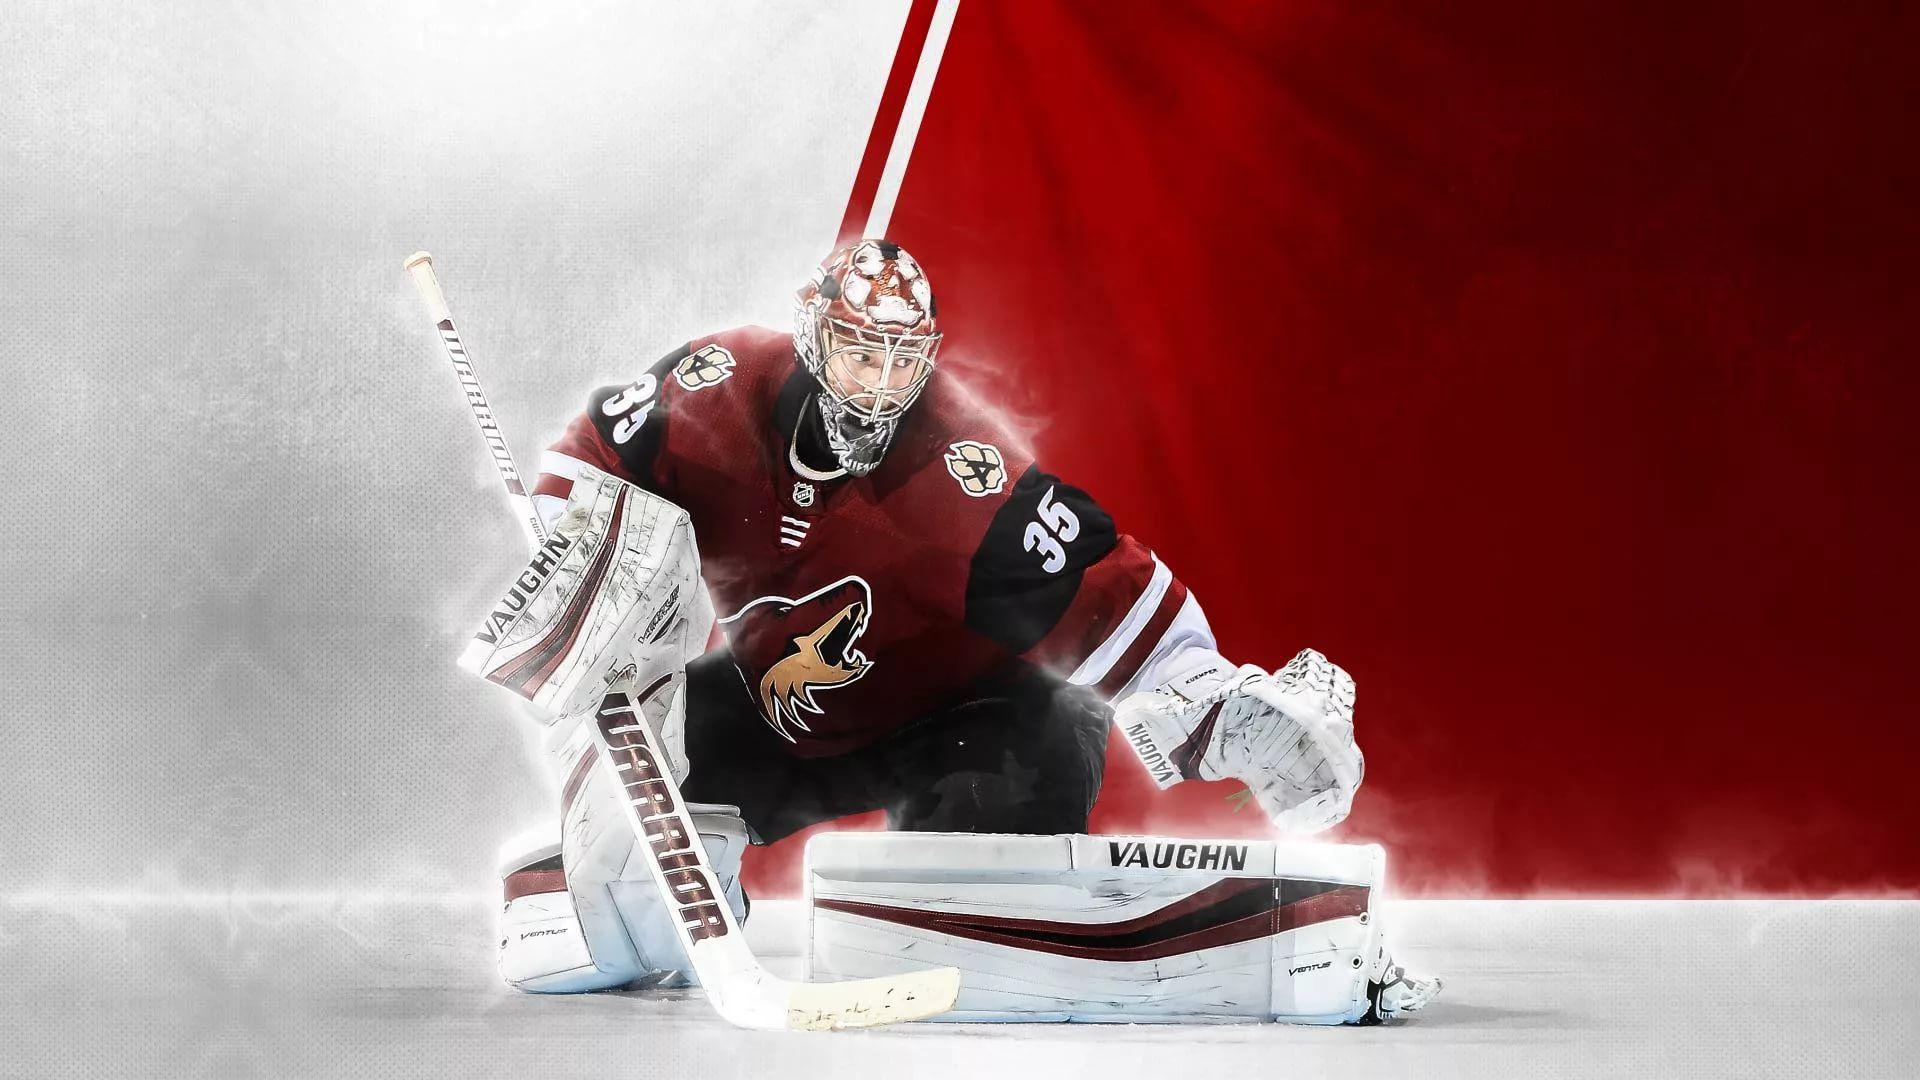 Ice Hockey desktop wallpaper